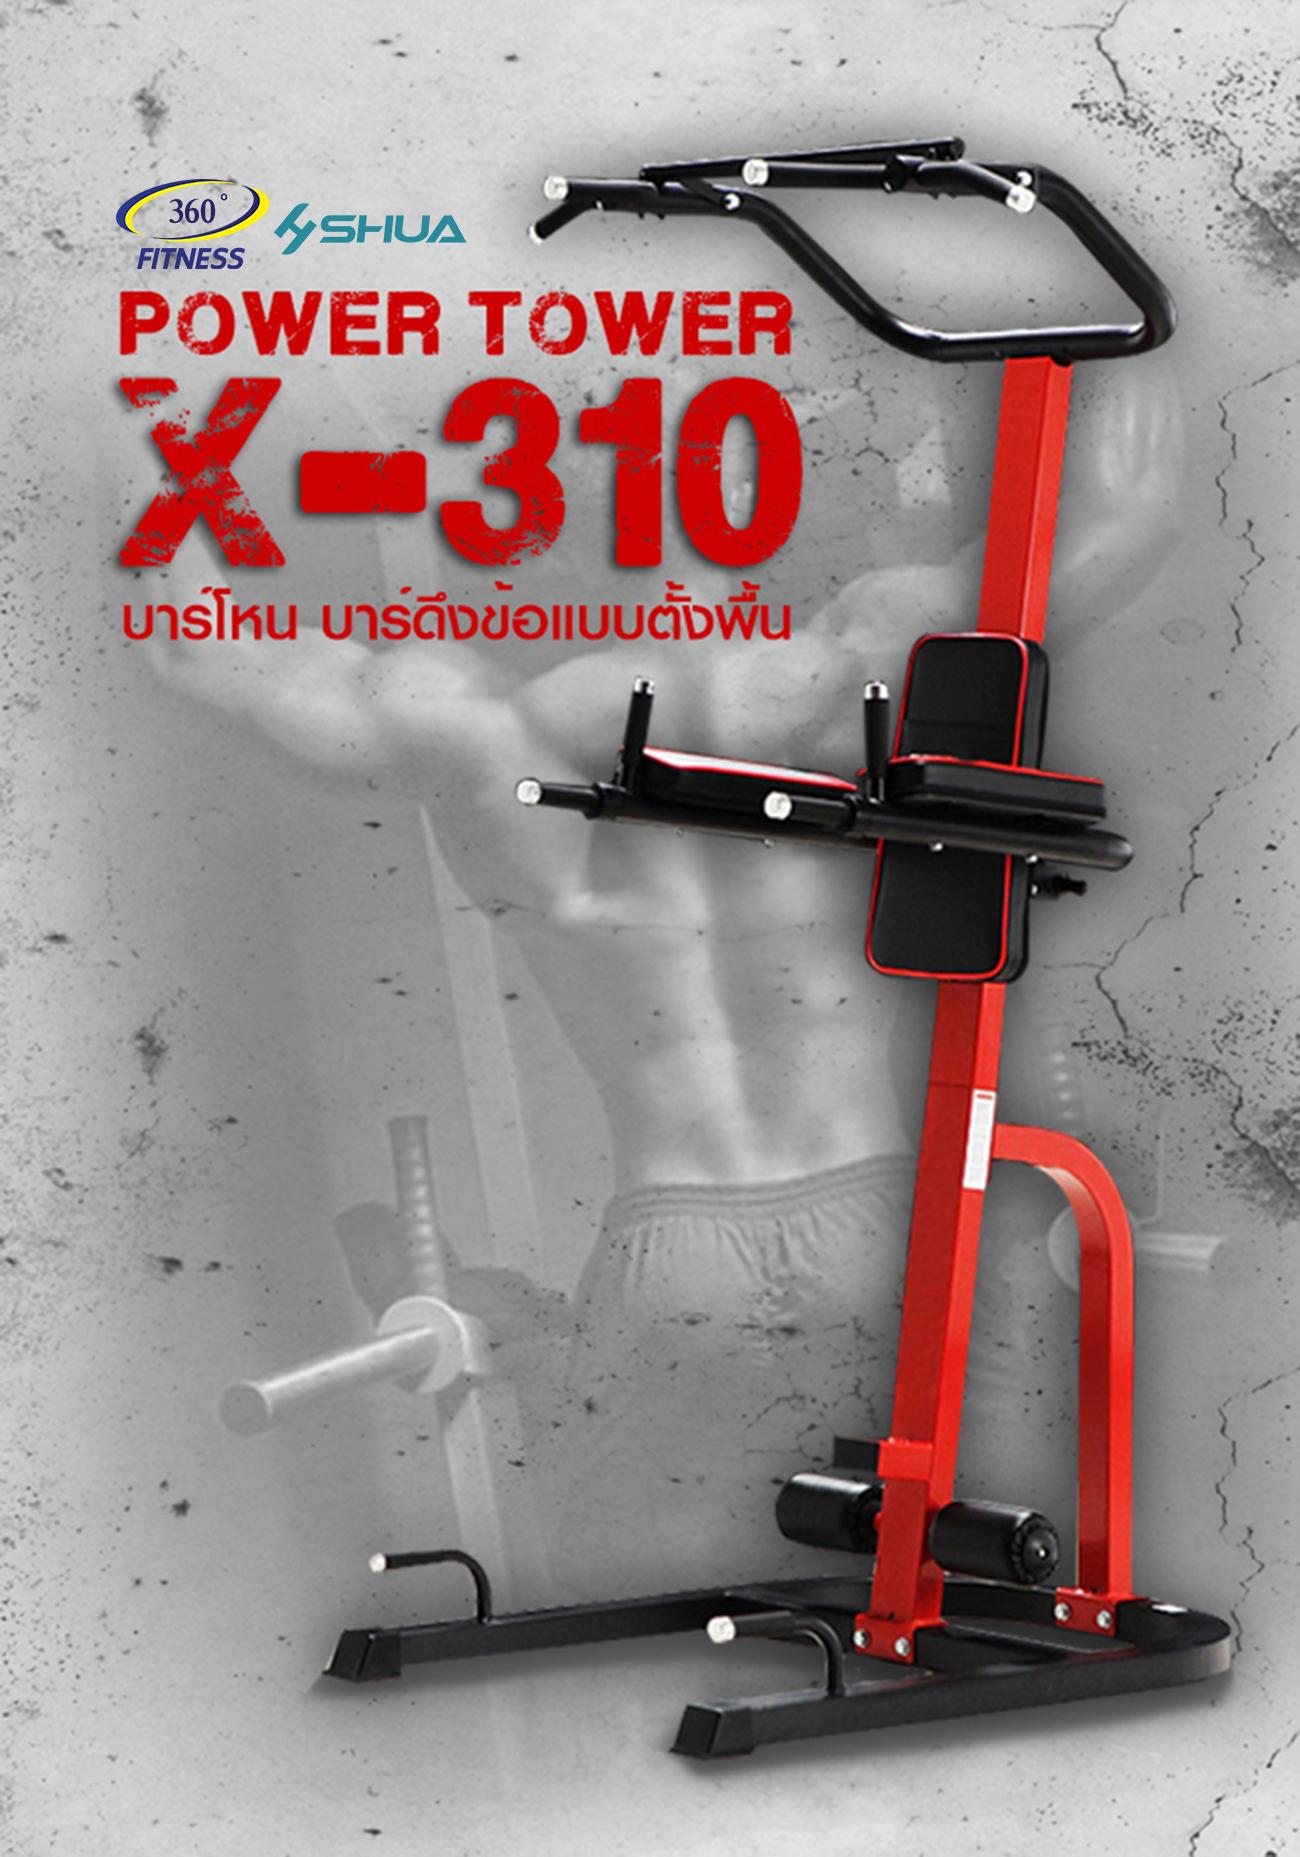 Power Tower X-310 บาร์โหน บาร์ดึงข้อแบบตั้งพื้น